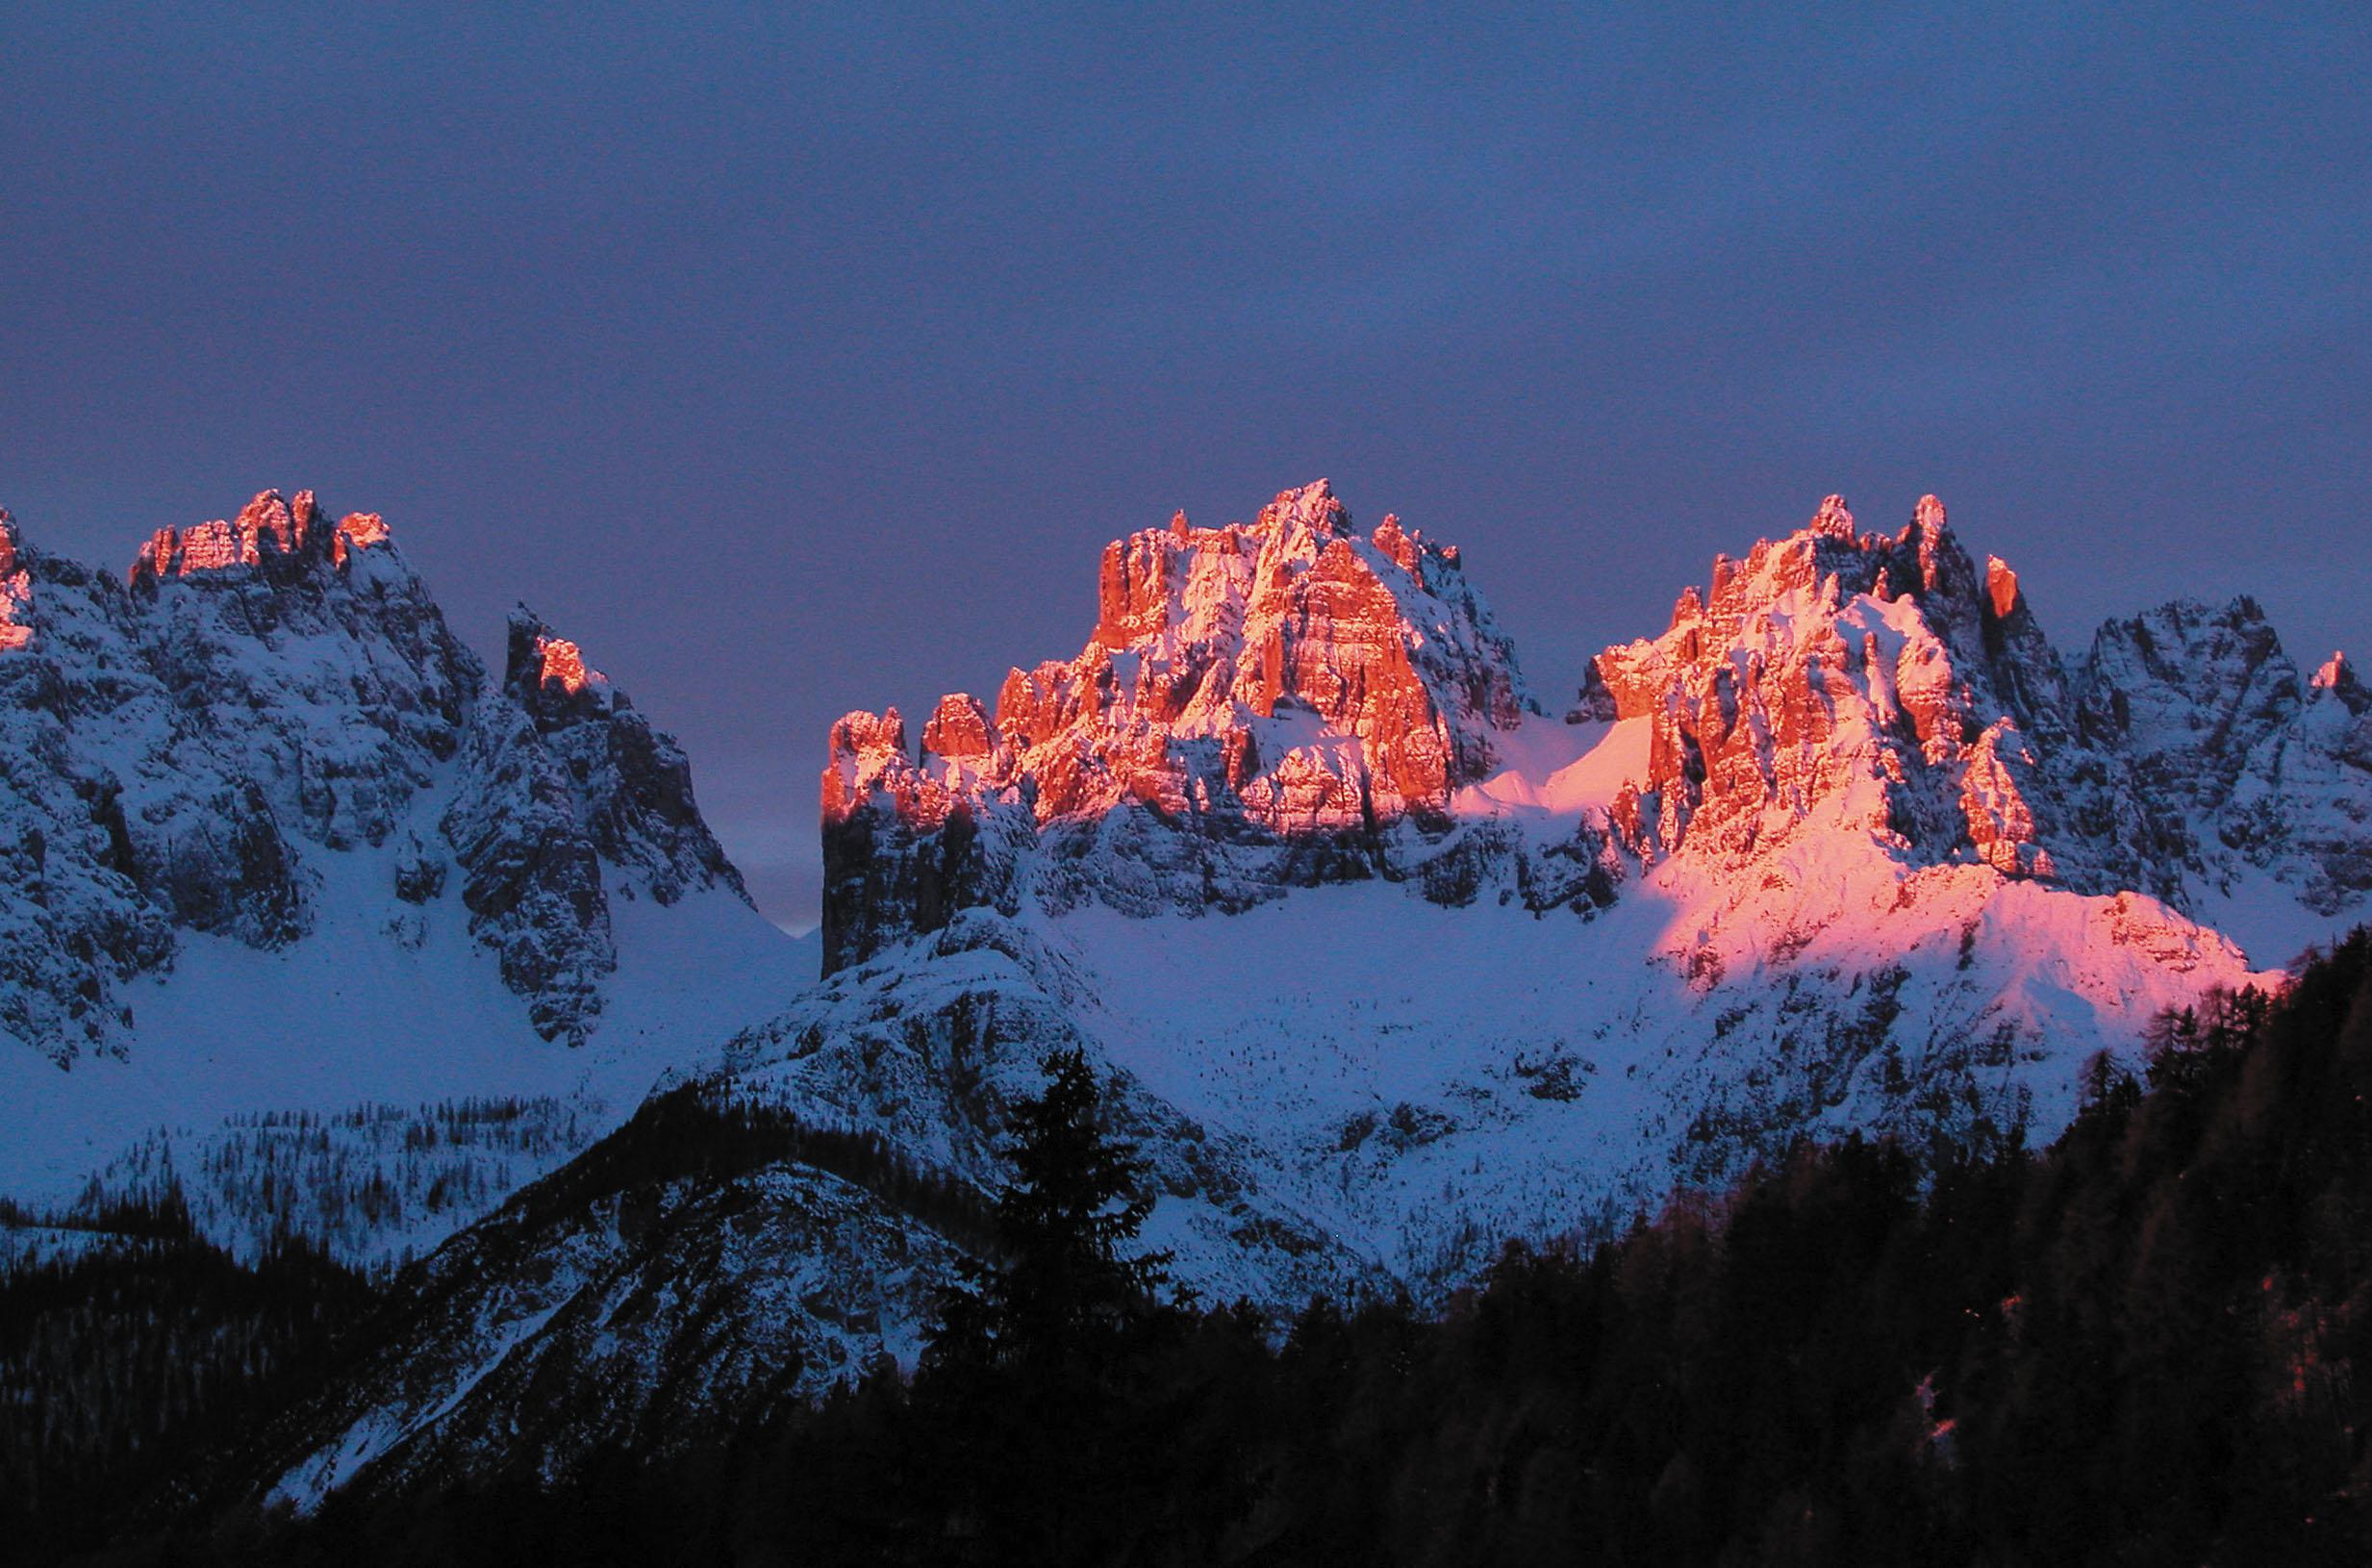 Dolomites in Forni di Sopria, Carnia Region, Italy